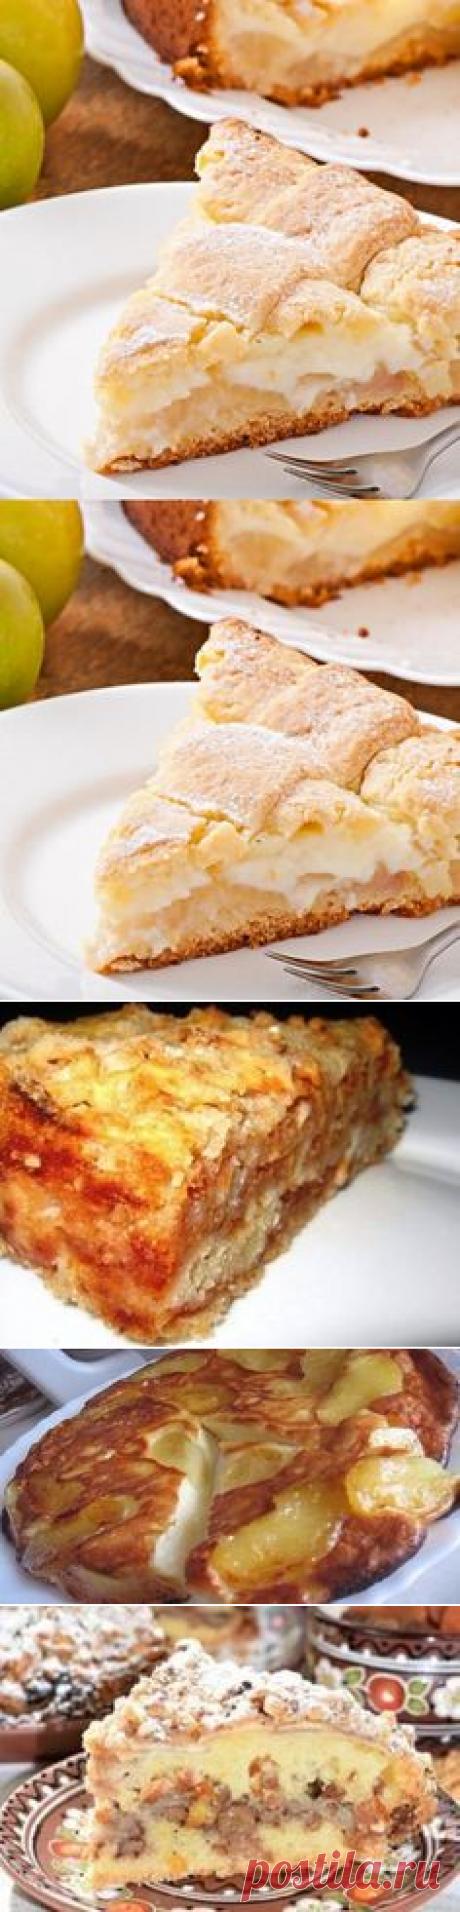 Рецепты яблочных пирогов и шарлоток